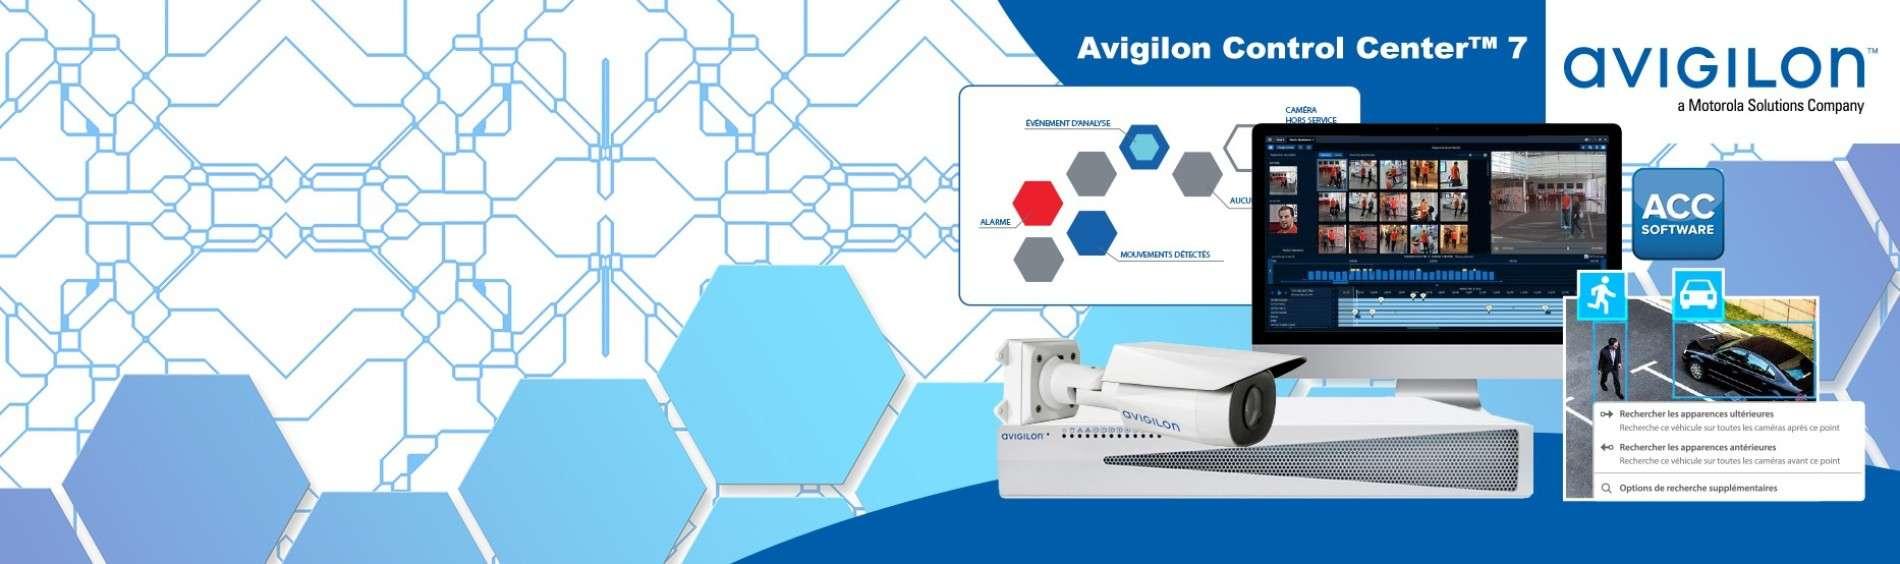 Avigilon Control Center 7 ™ Software